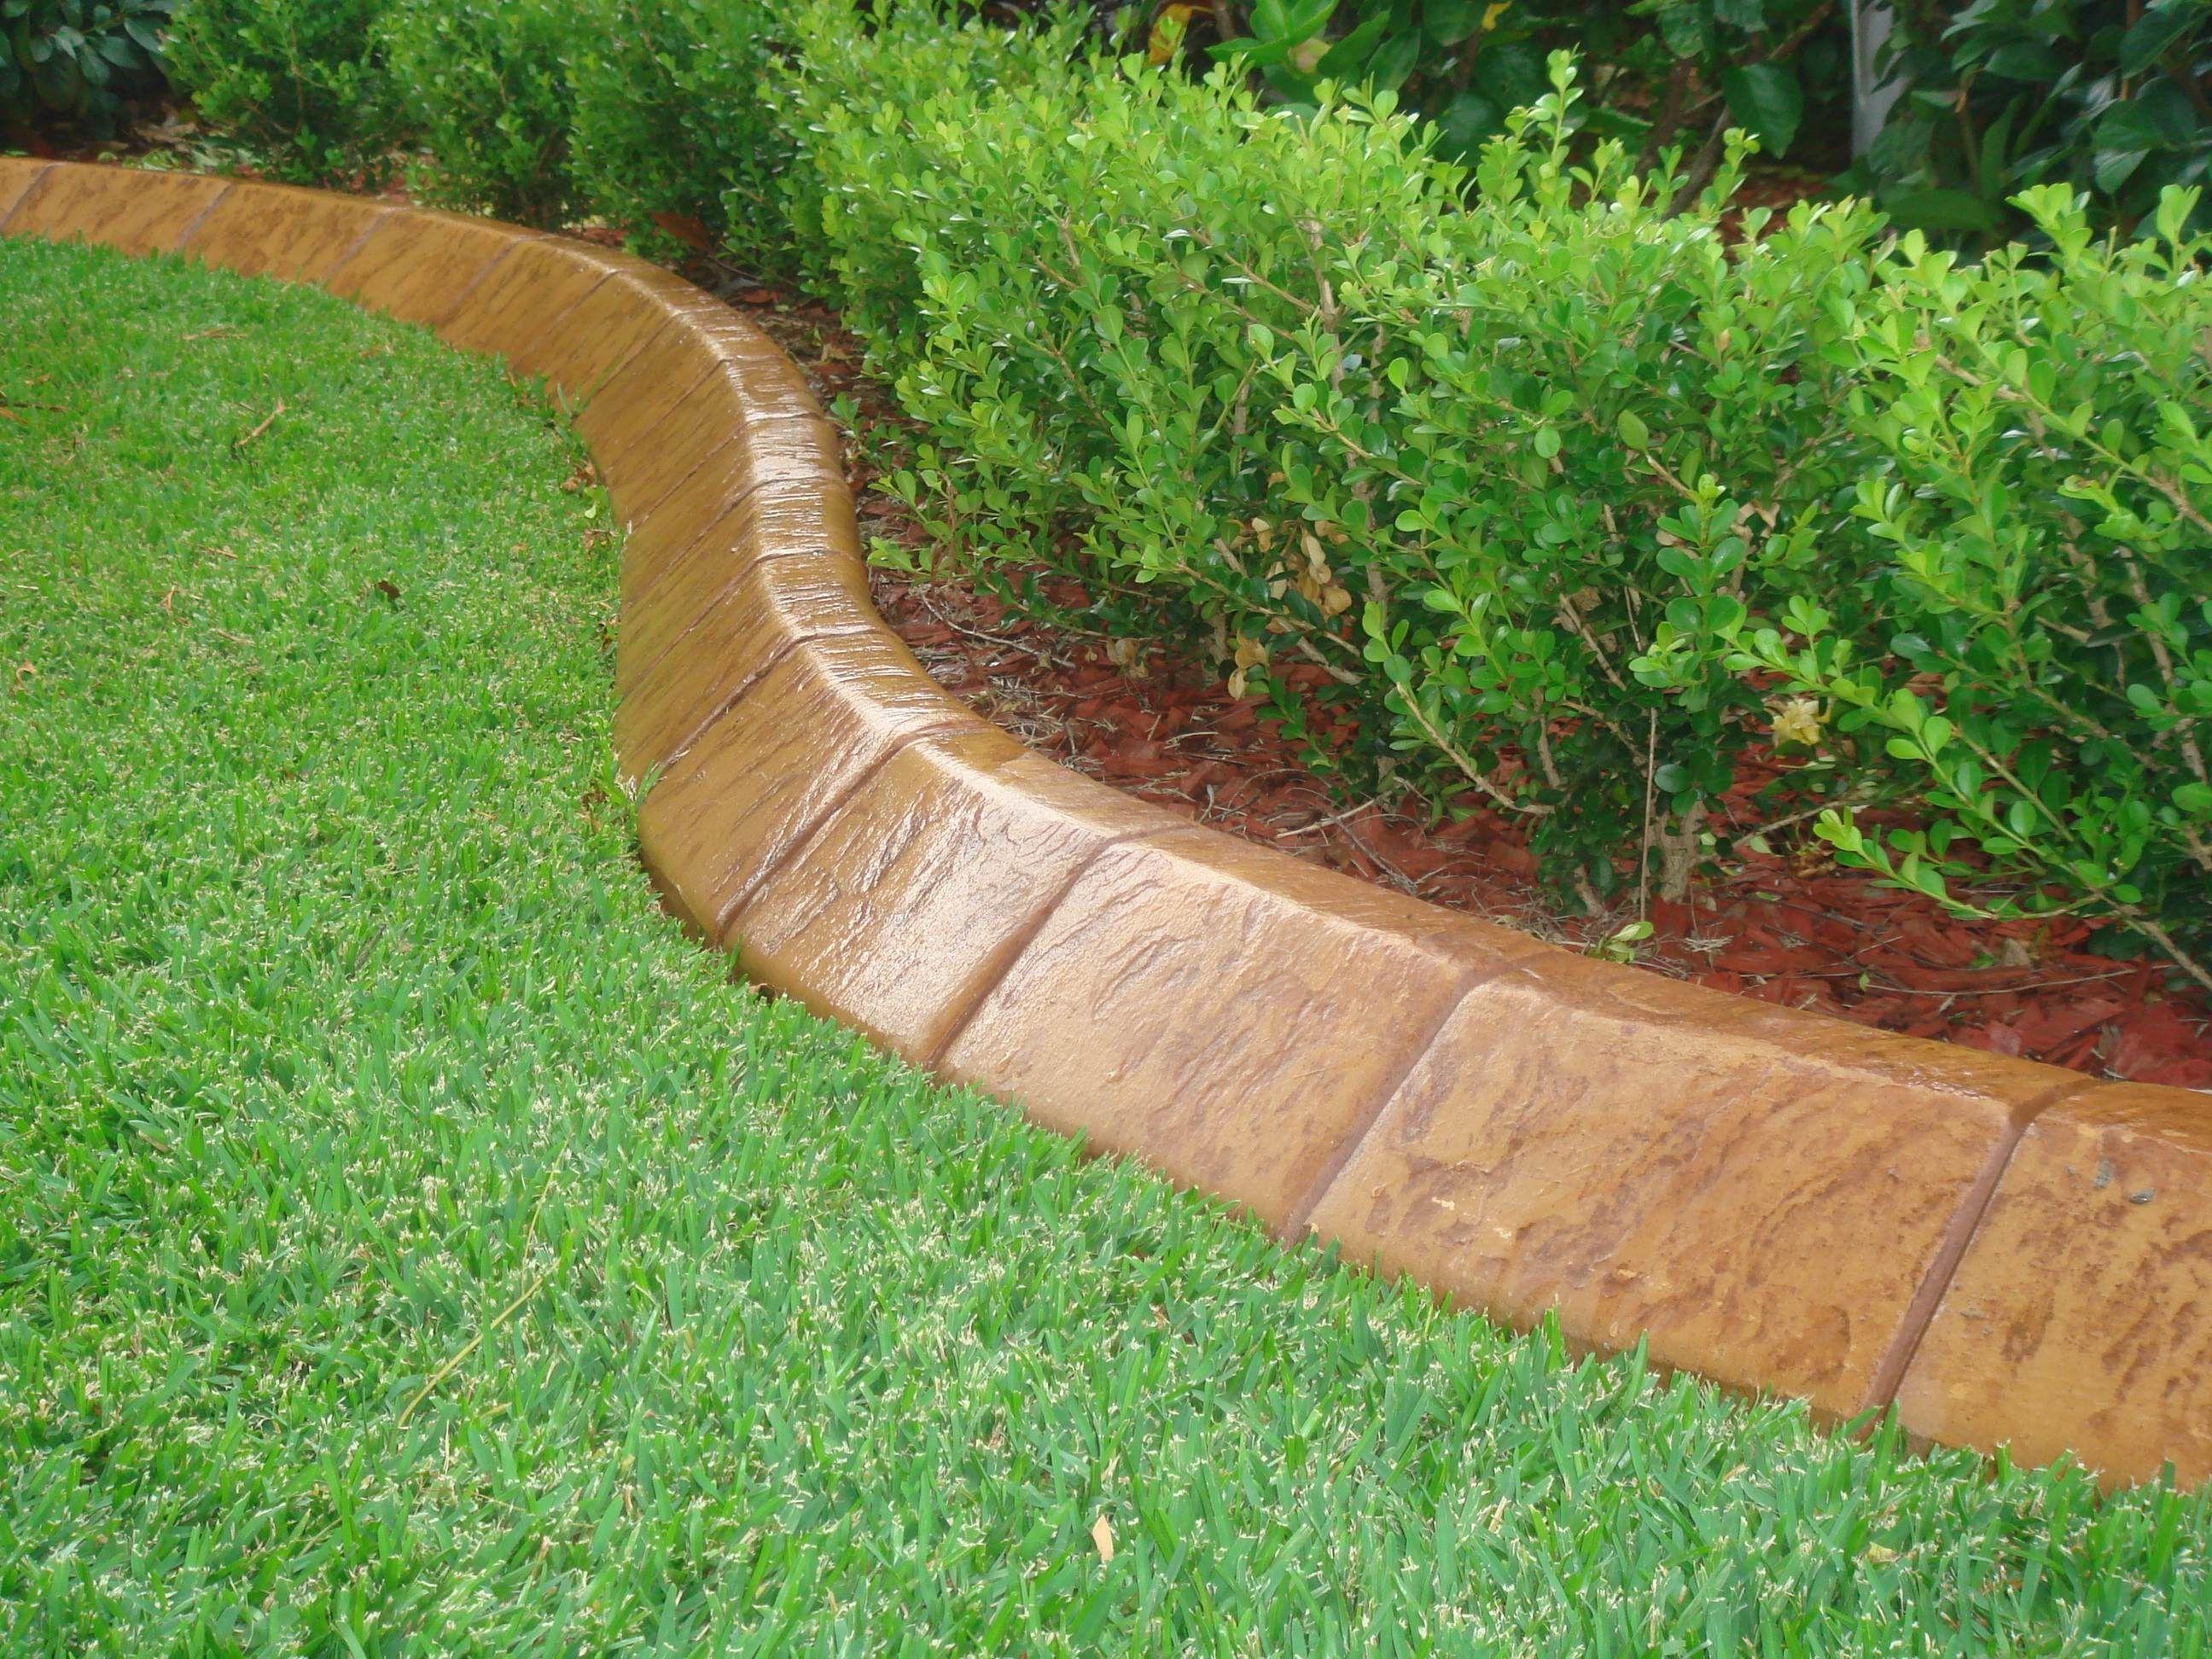 Beau Unique Lawn Edging Material #3 Concrete Garden Edging